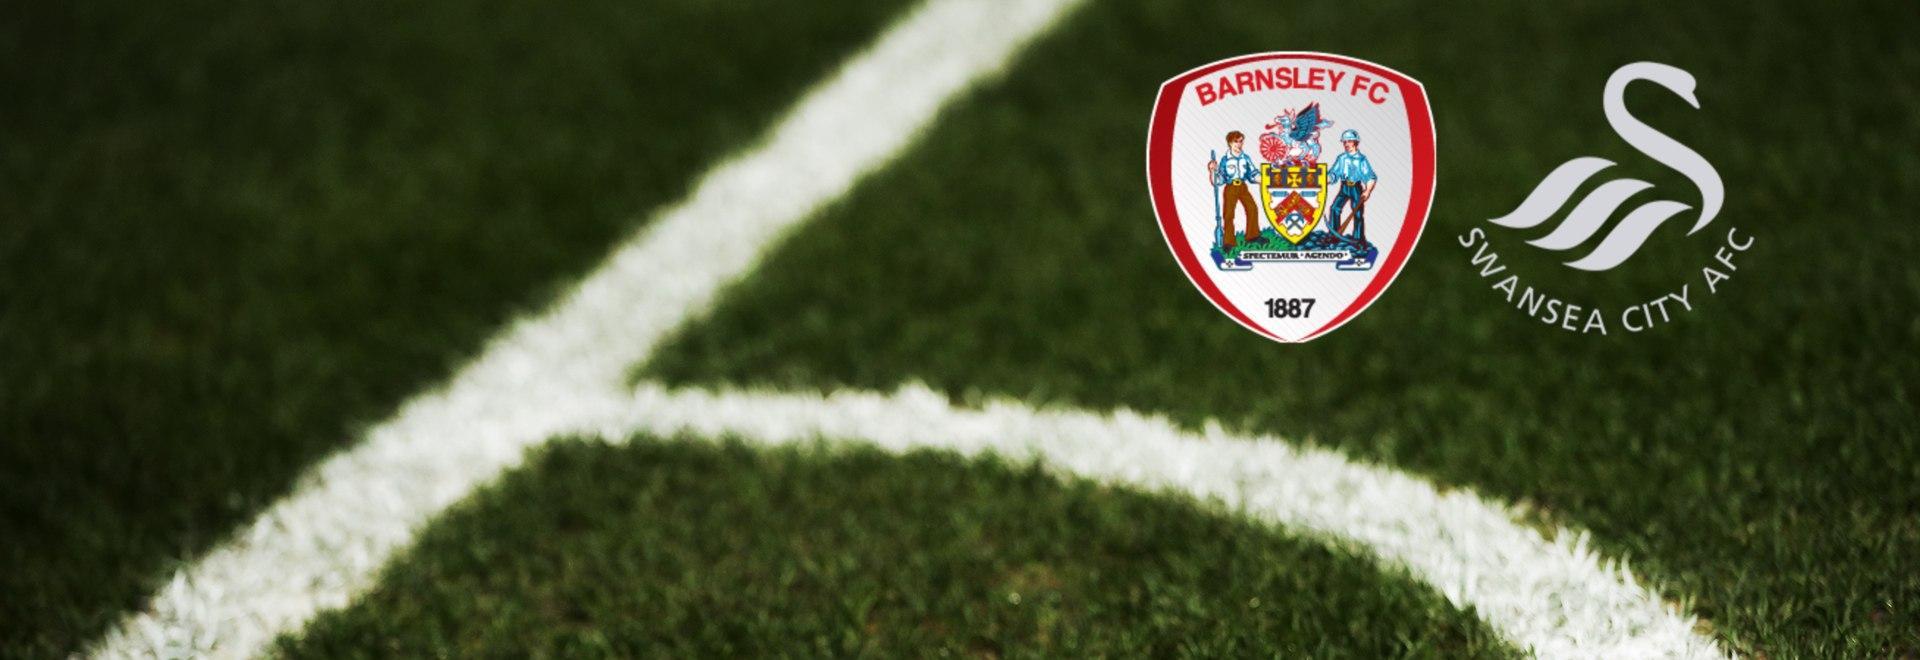 Barnsley - Swansea City